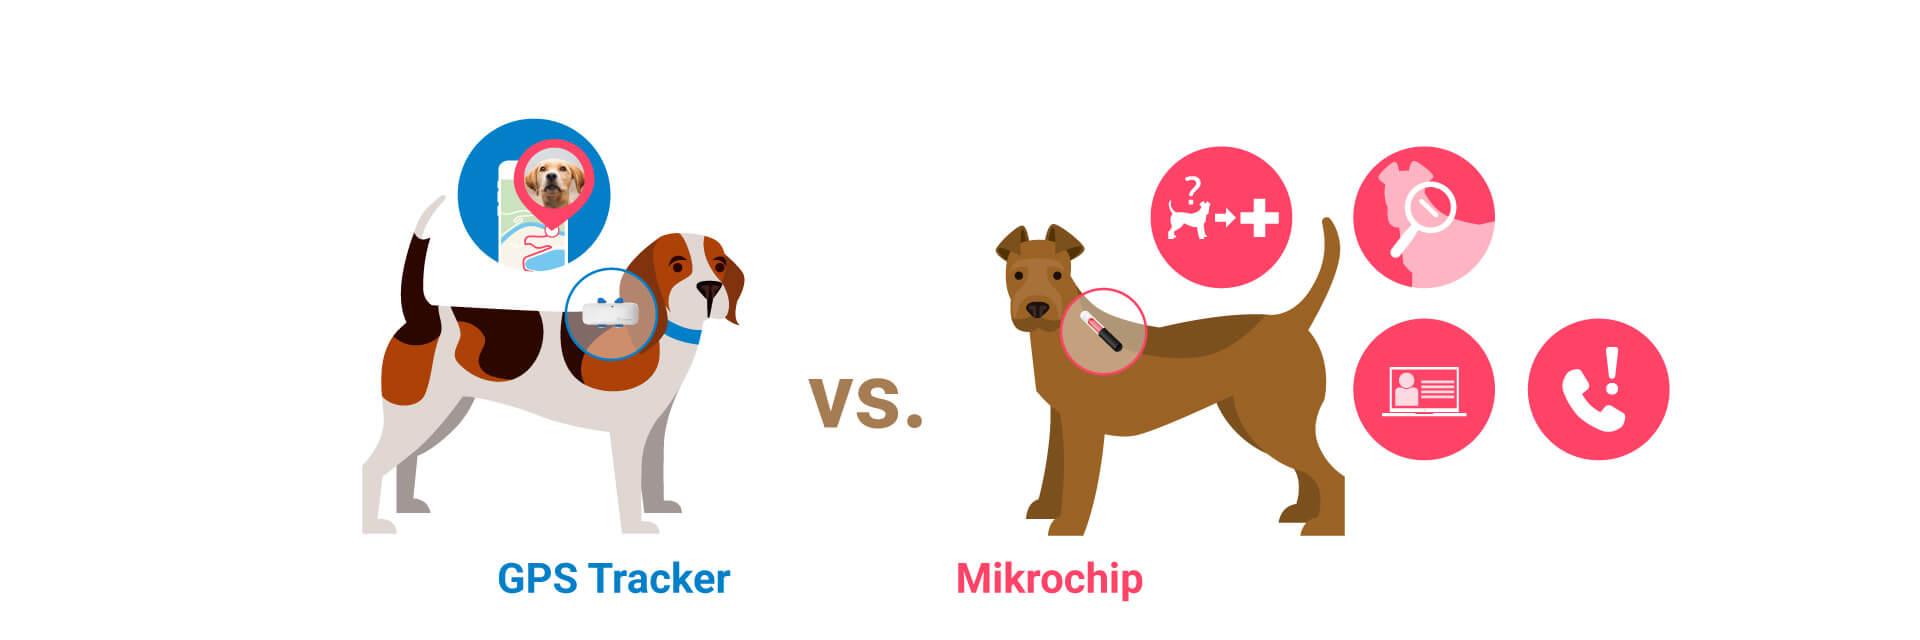 Funktionen von Microchip und GPS Tracker für Hunde